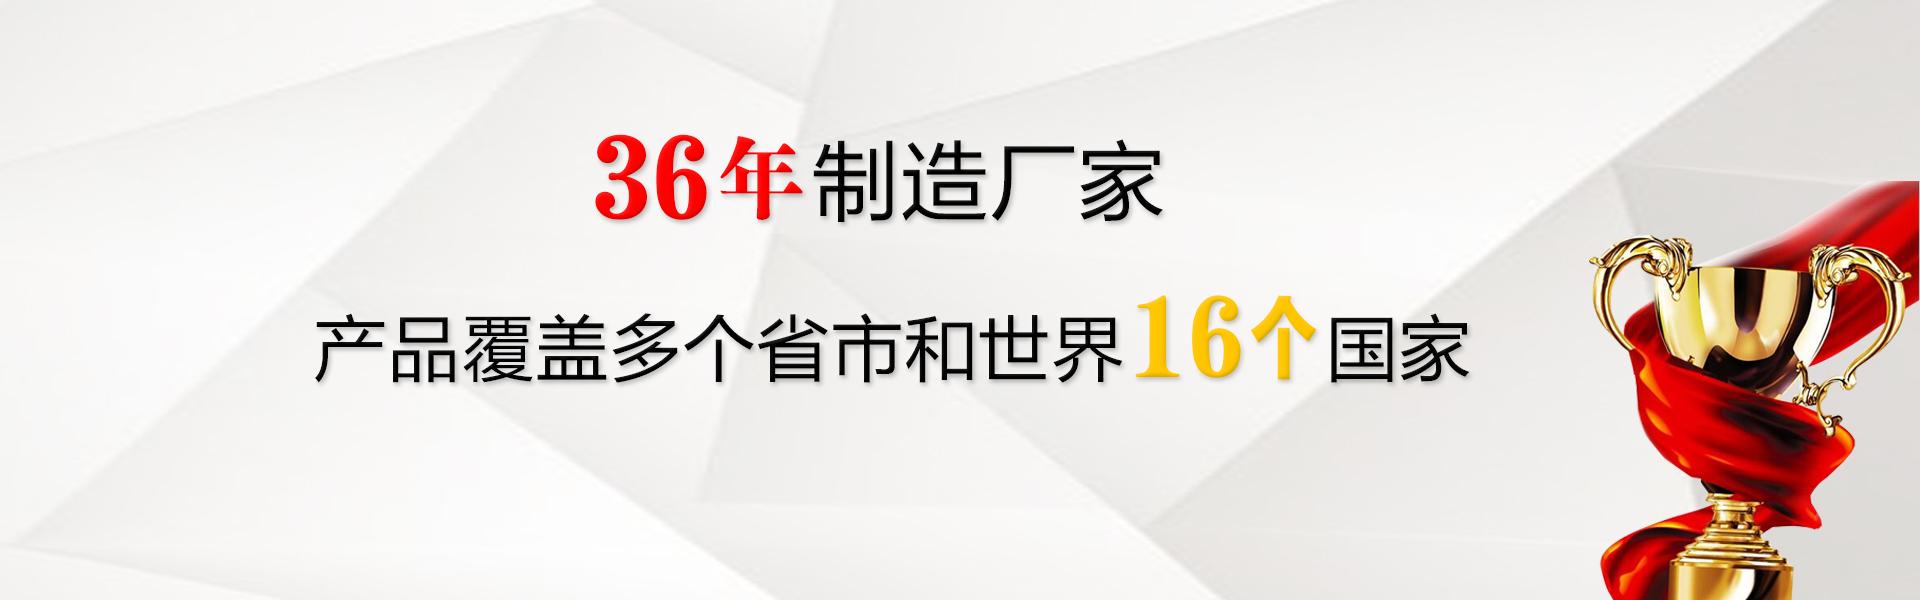 鹤壁市天冠仪器仪表有限公司36年生产制造厂家